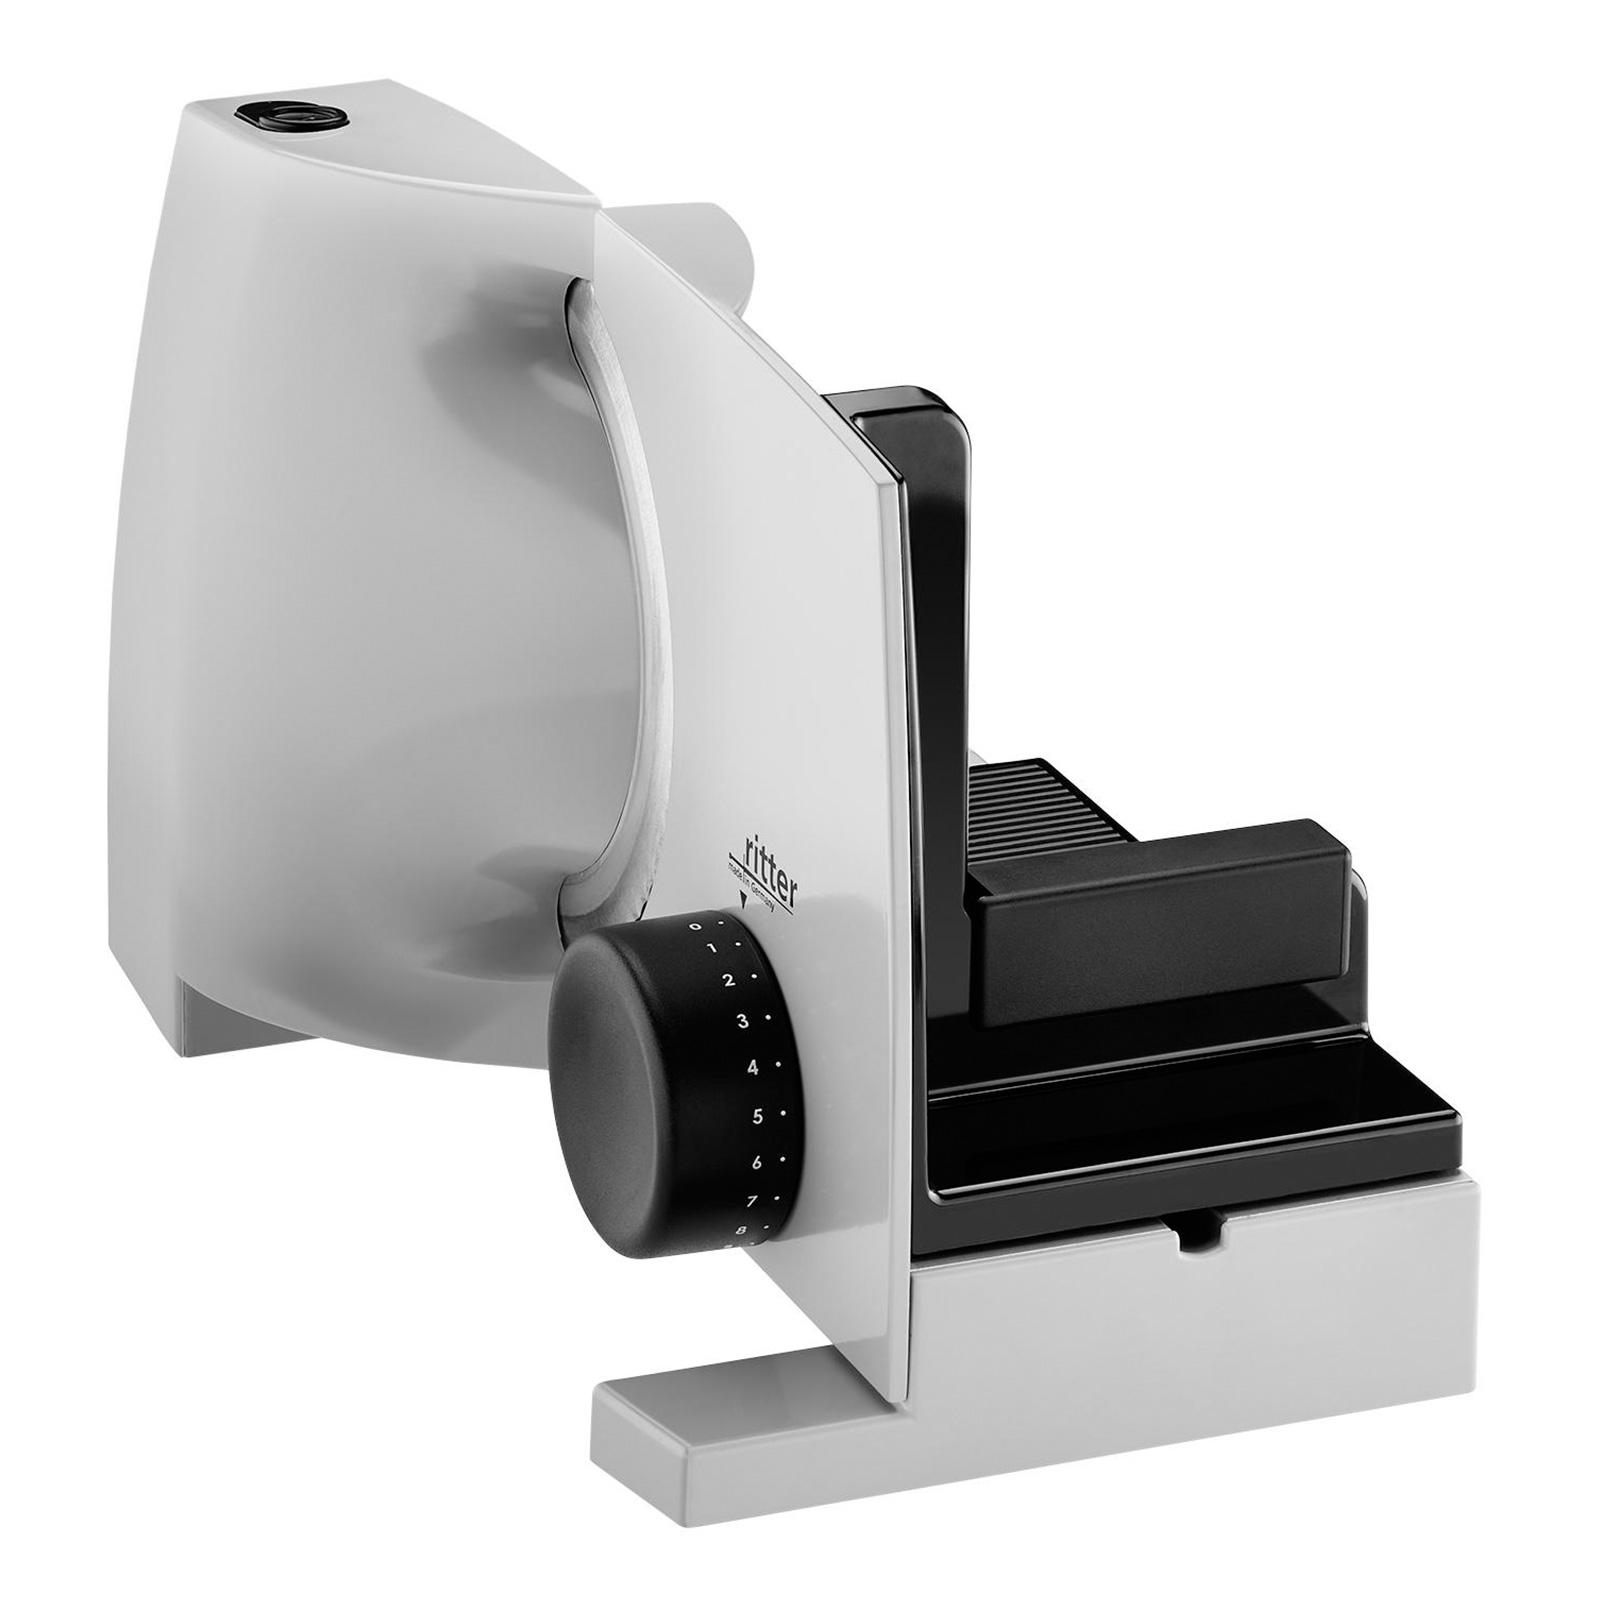 Details zu Ritter Nova17 Allesschneider Brotschneidemaschine elektrische  Schneidemaschine